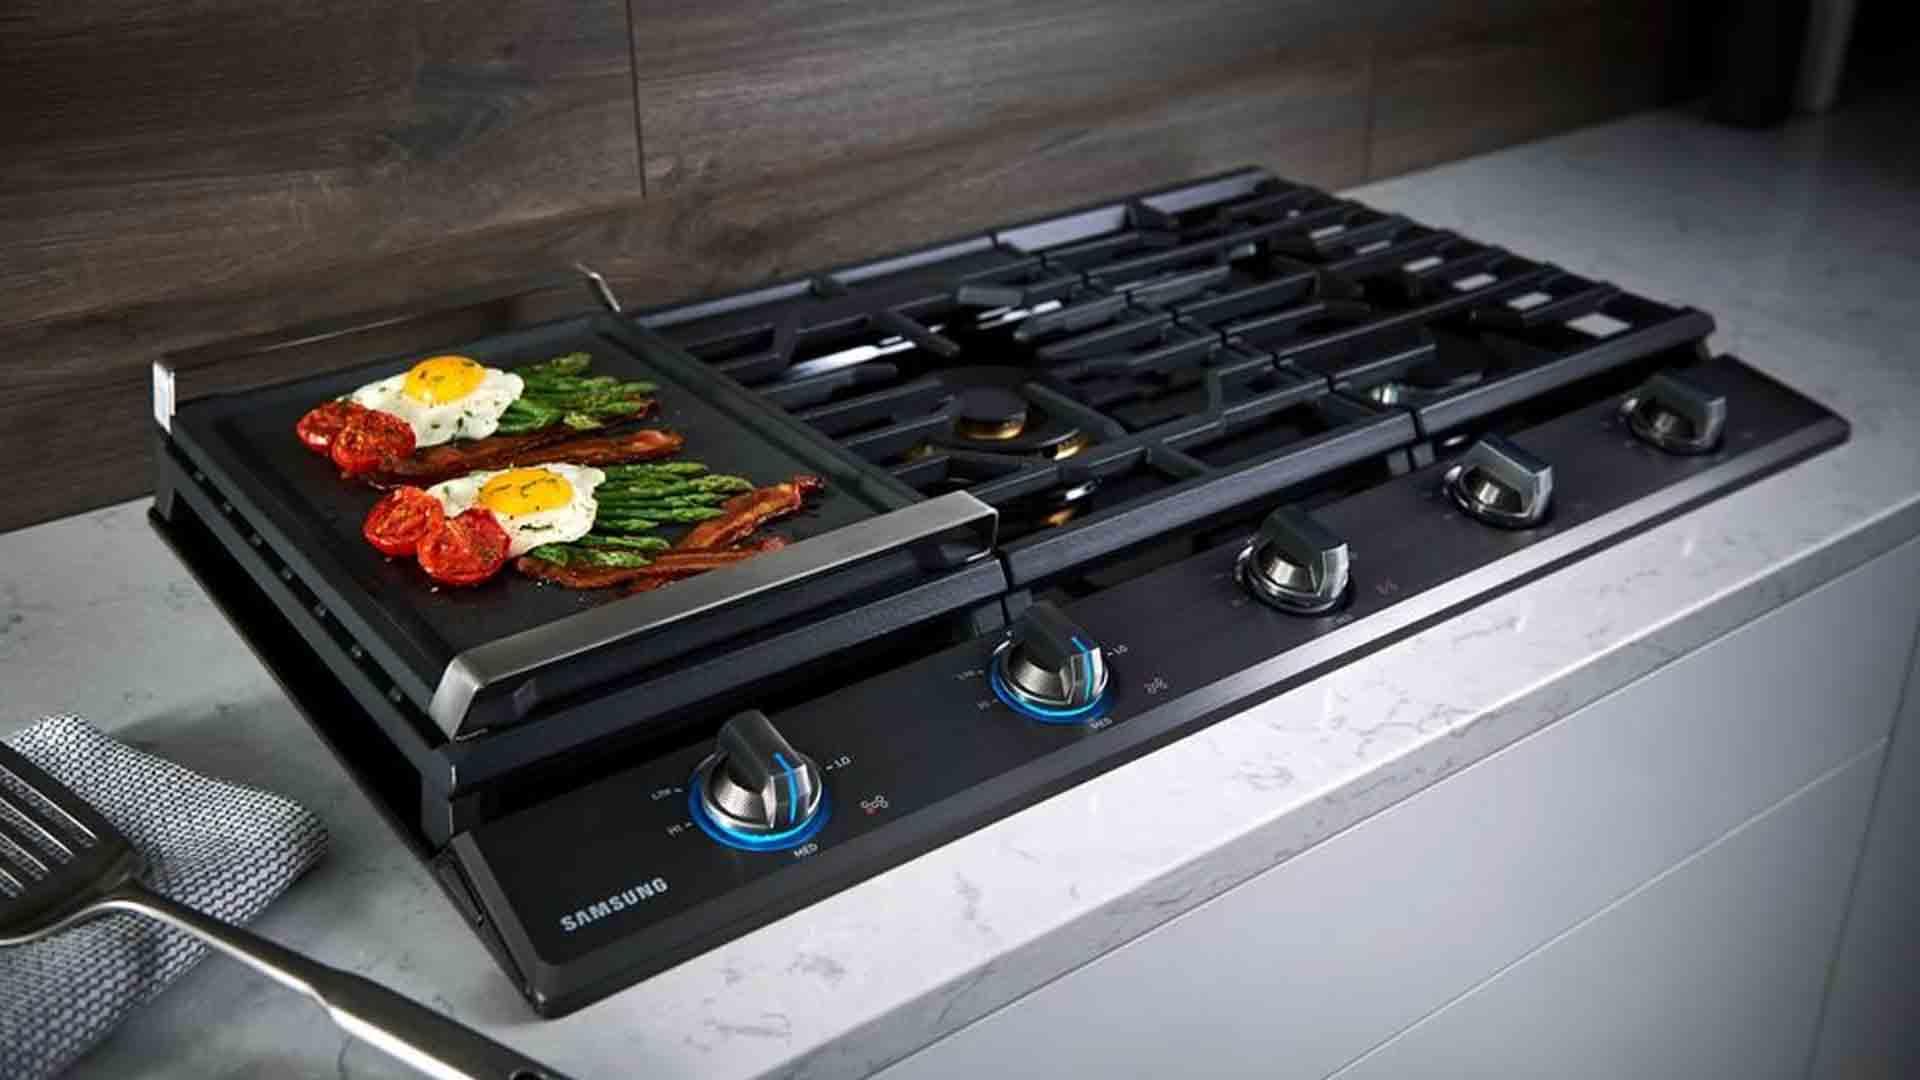 Samsung Cooktop Appliances Repair | Samsung Appliance Repair